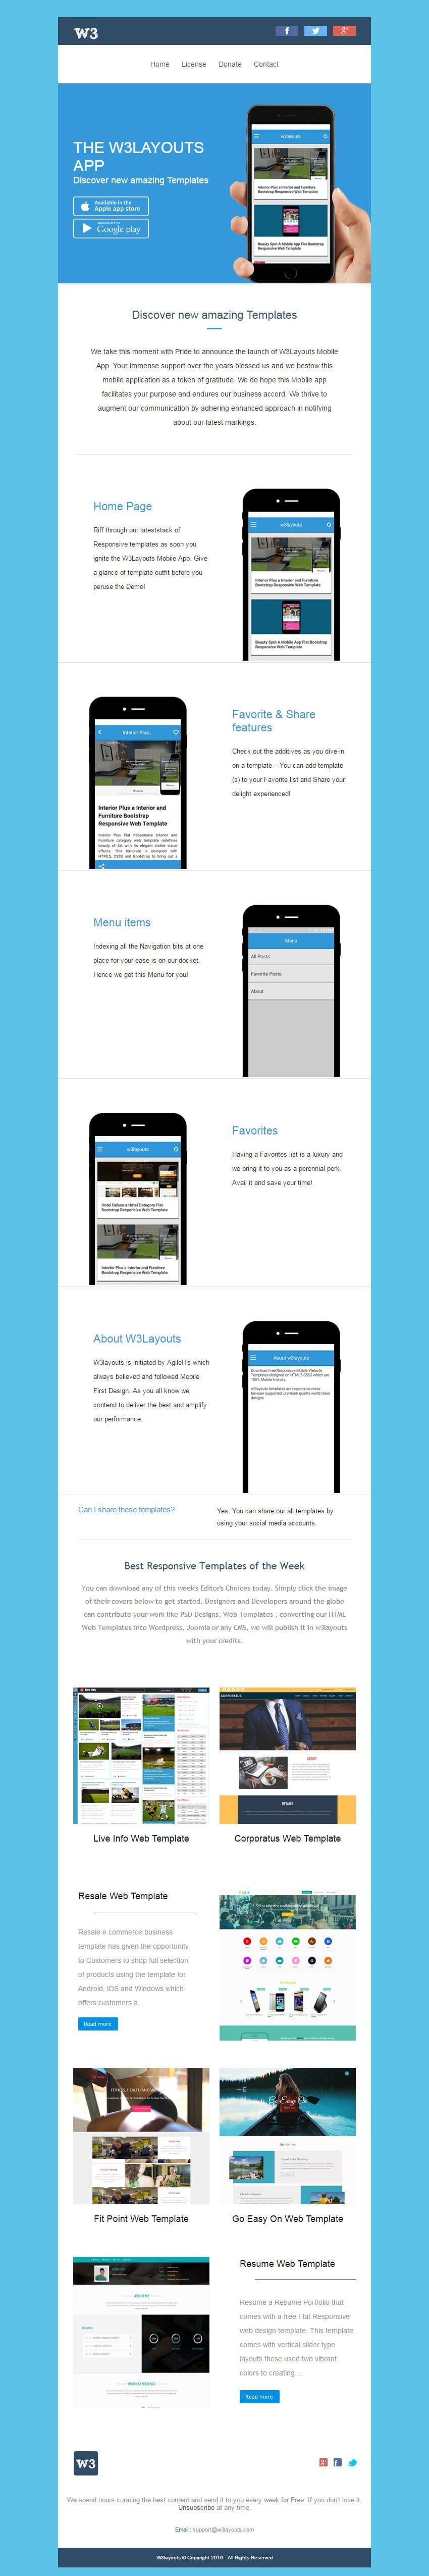 w3layouts_app_newsletter-full